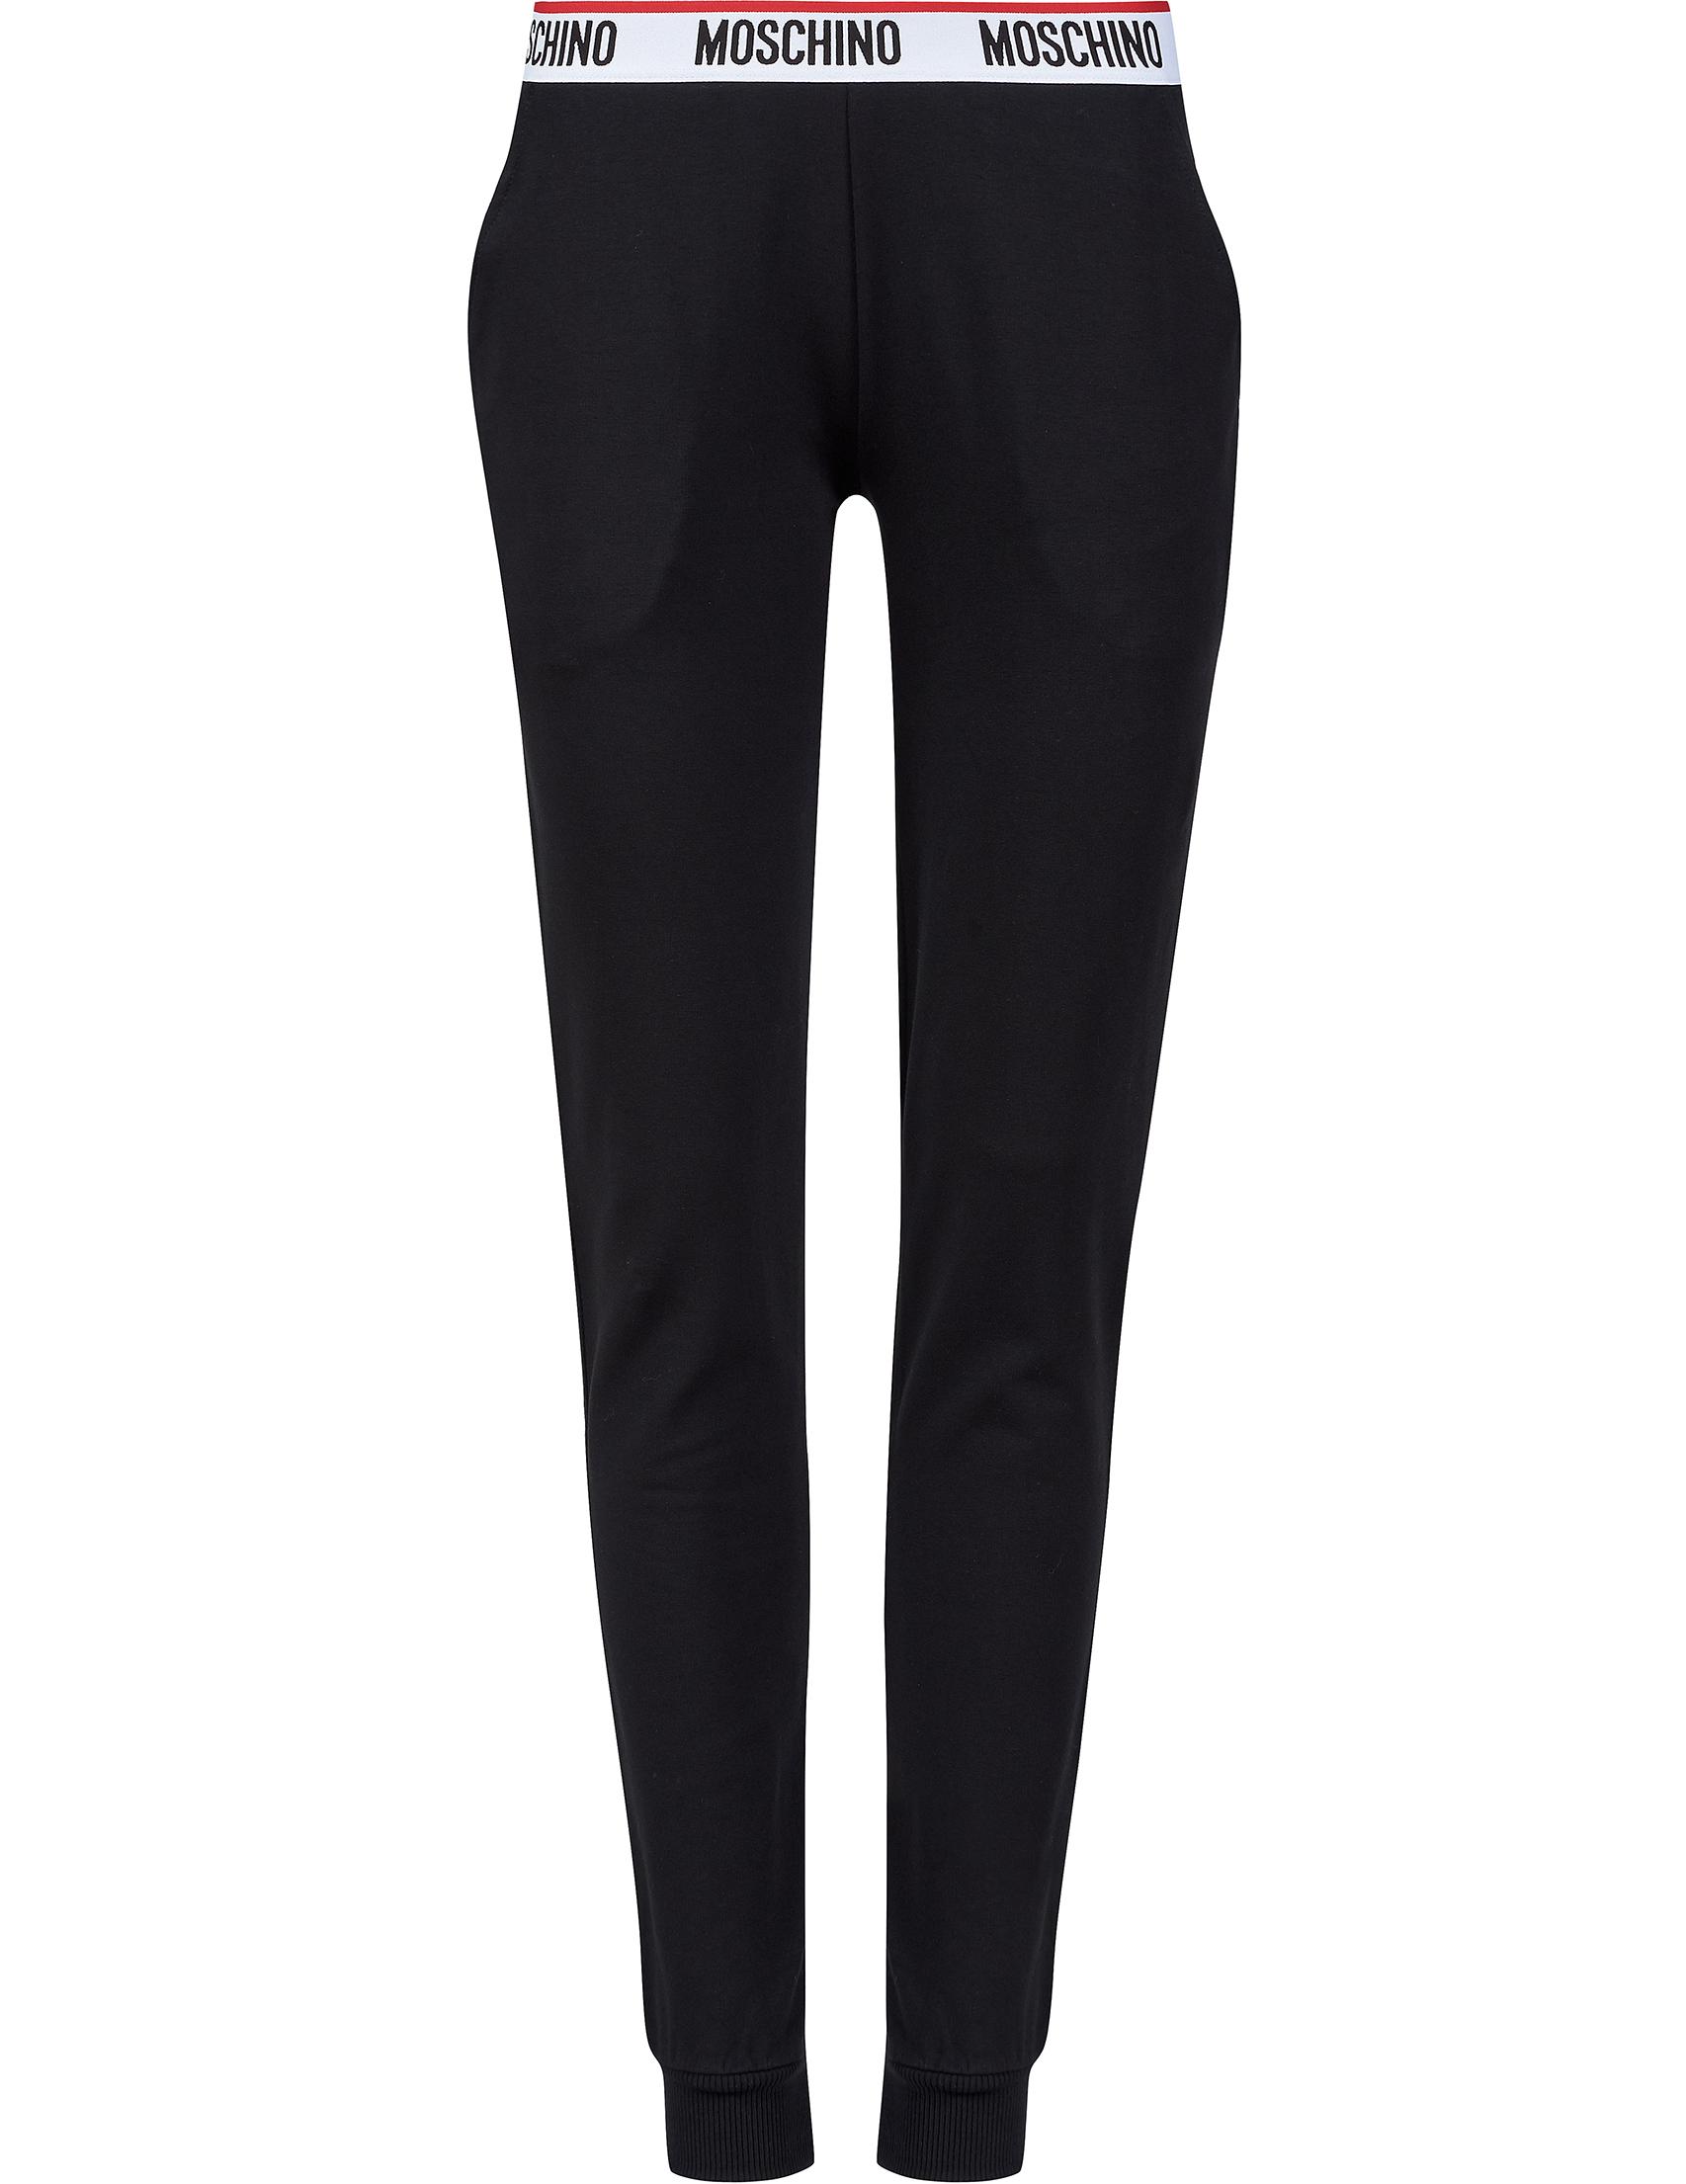 Купить Спортивные брюки, MOSCHINO, Черный, 95%Хлопок 5%Эластан, Весна-Лето